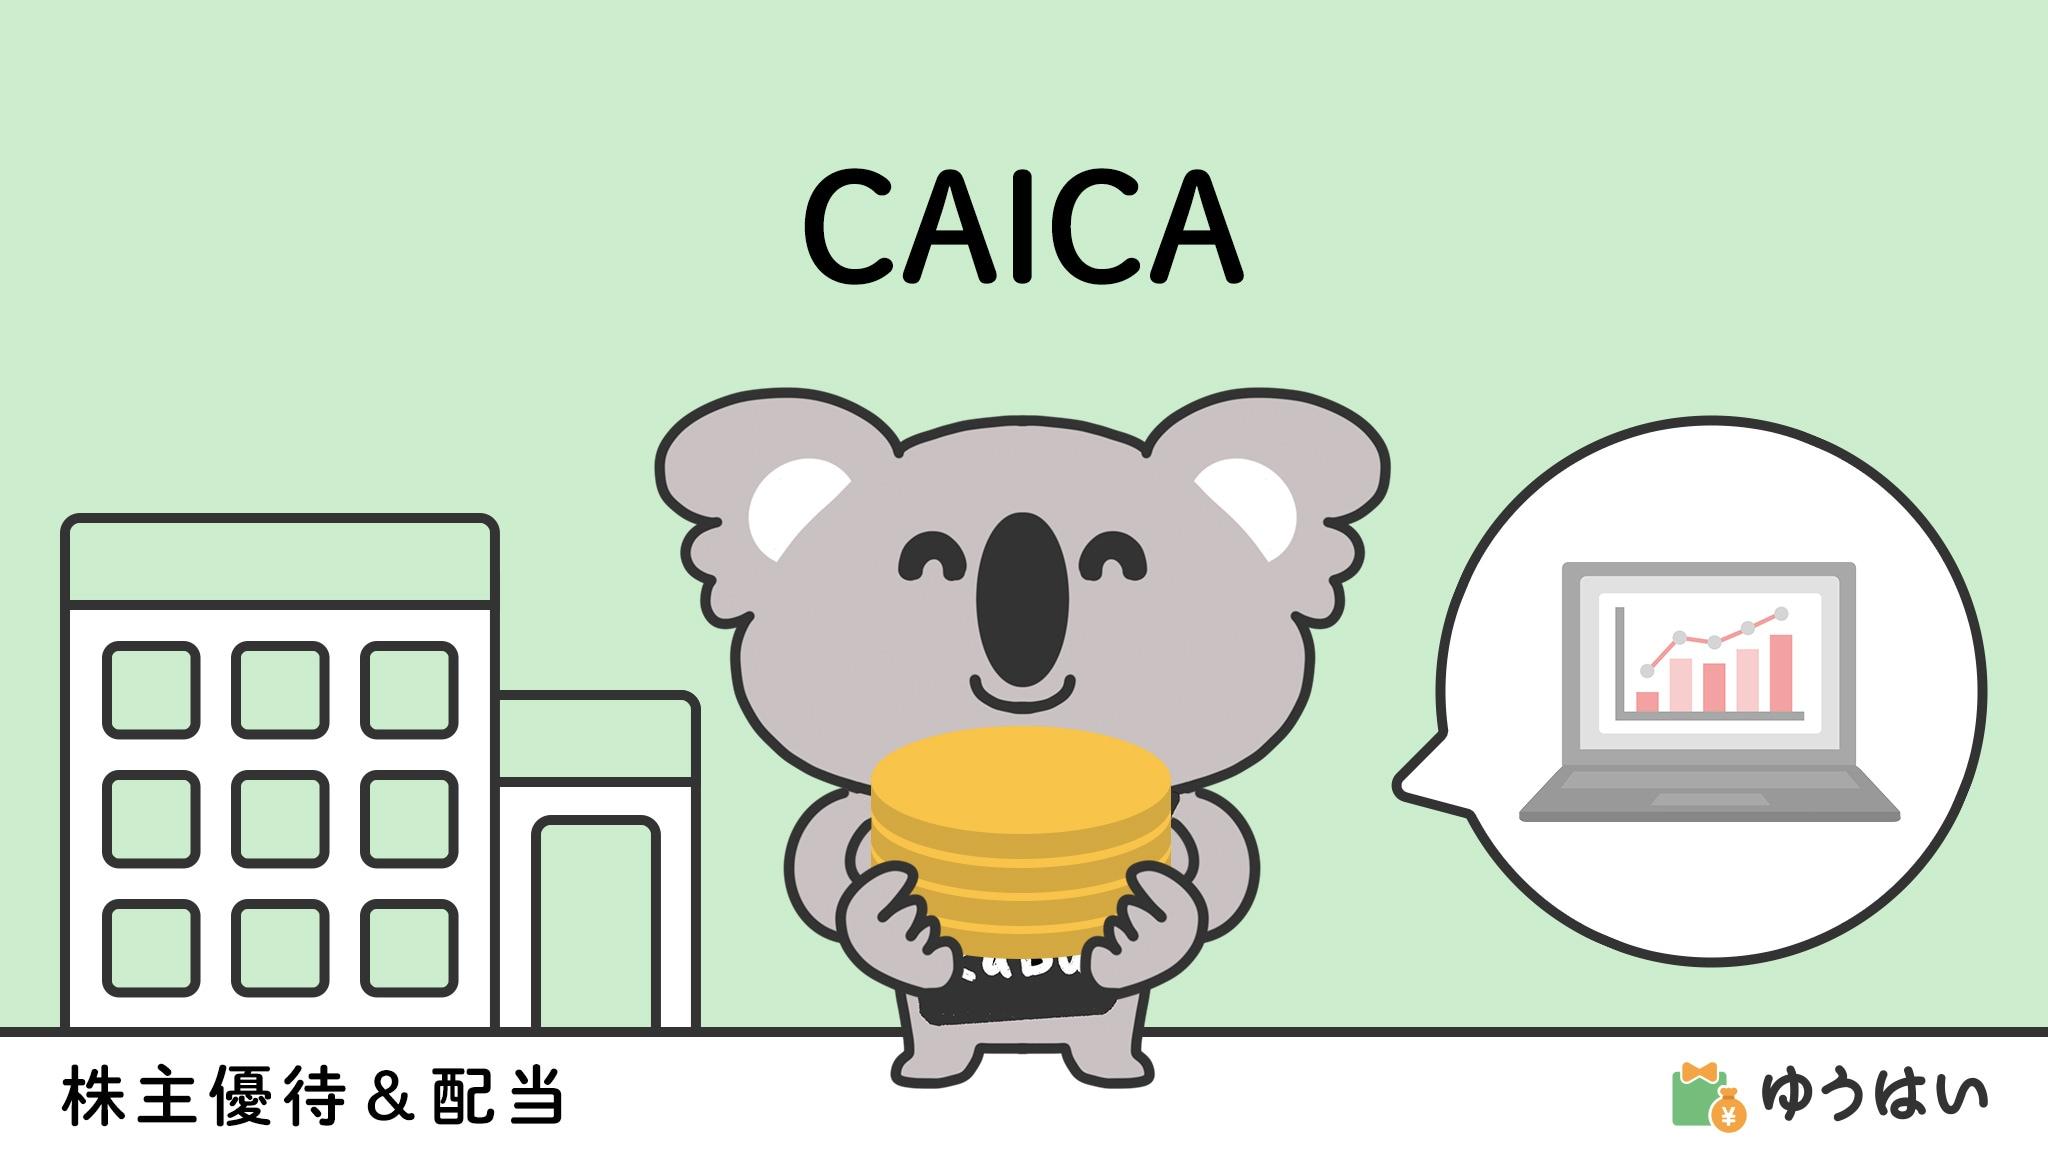 ゆうはい CAICA(2315)の株主優待と配当金